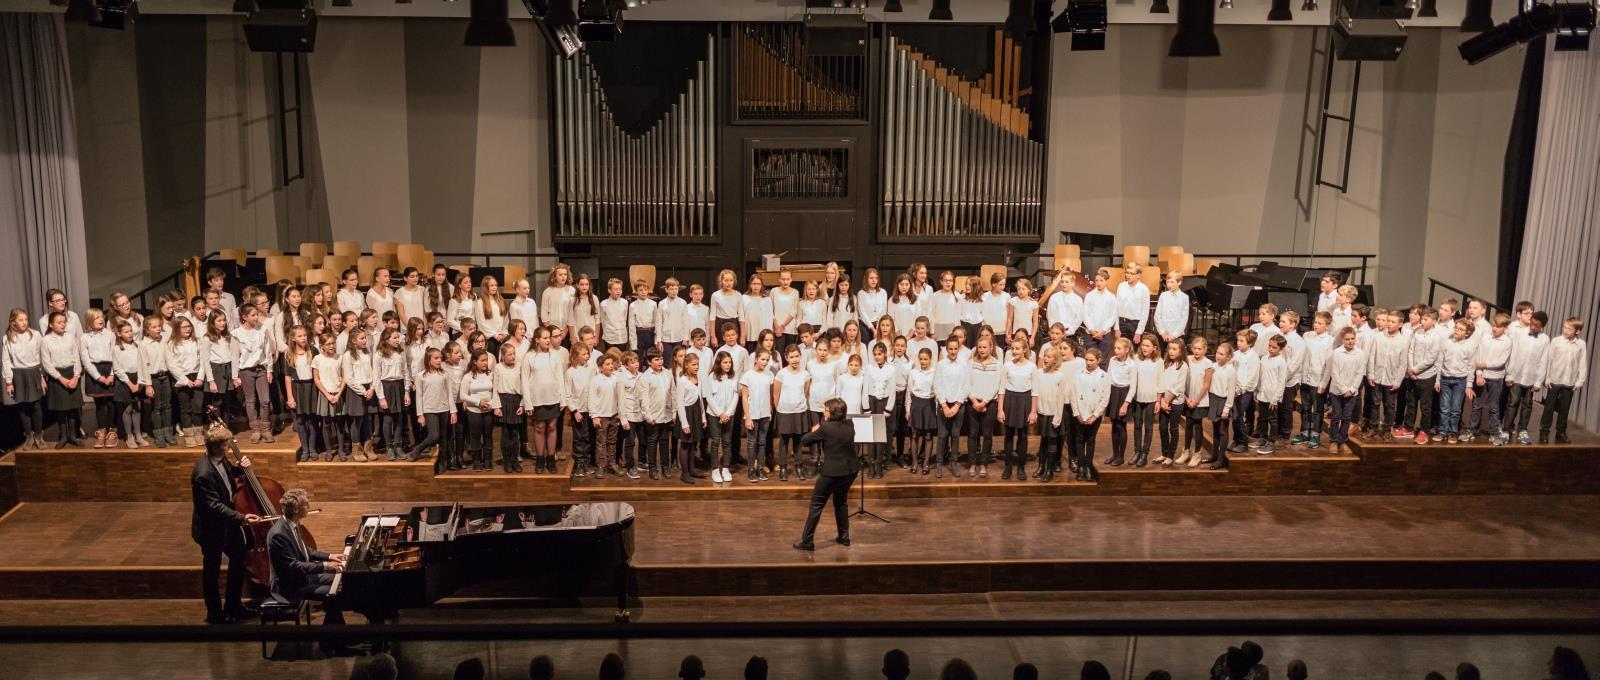 Der Chor der Klassen 6 und 7 unter der Leitung von Frau Mittenhuber (begleitet von Herrn Stücher und Herrn Pfannmüller)